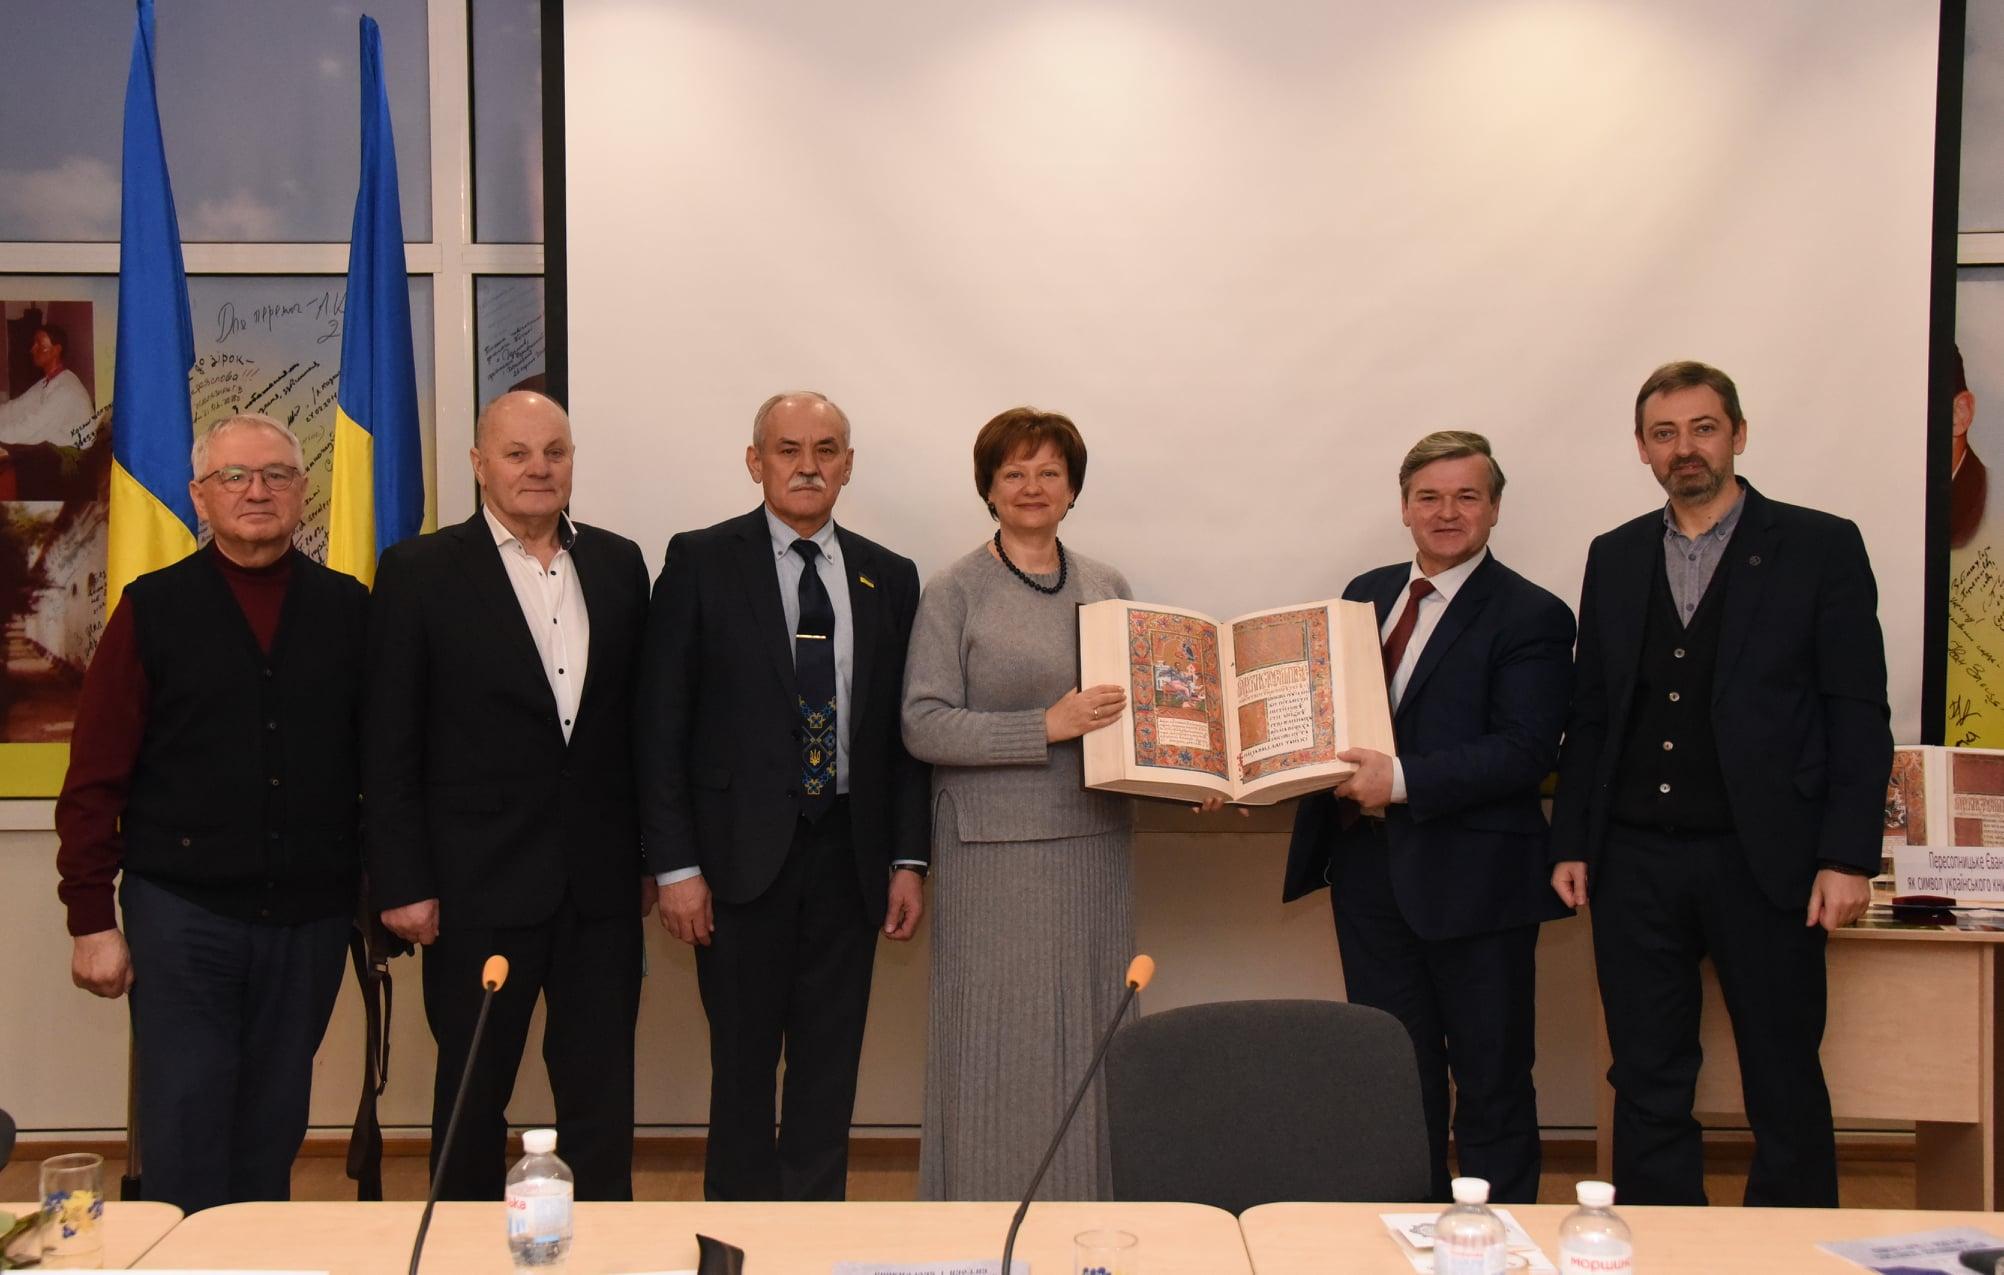 У Переяславському університеті відбулась презентація унікального факсимільного видання Пересопницького Євангелія